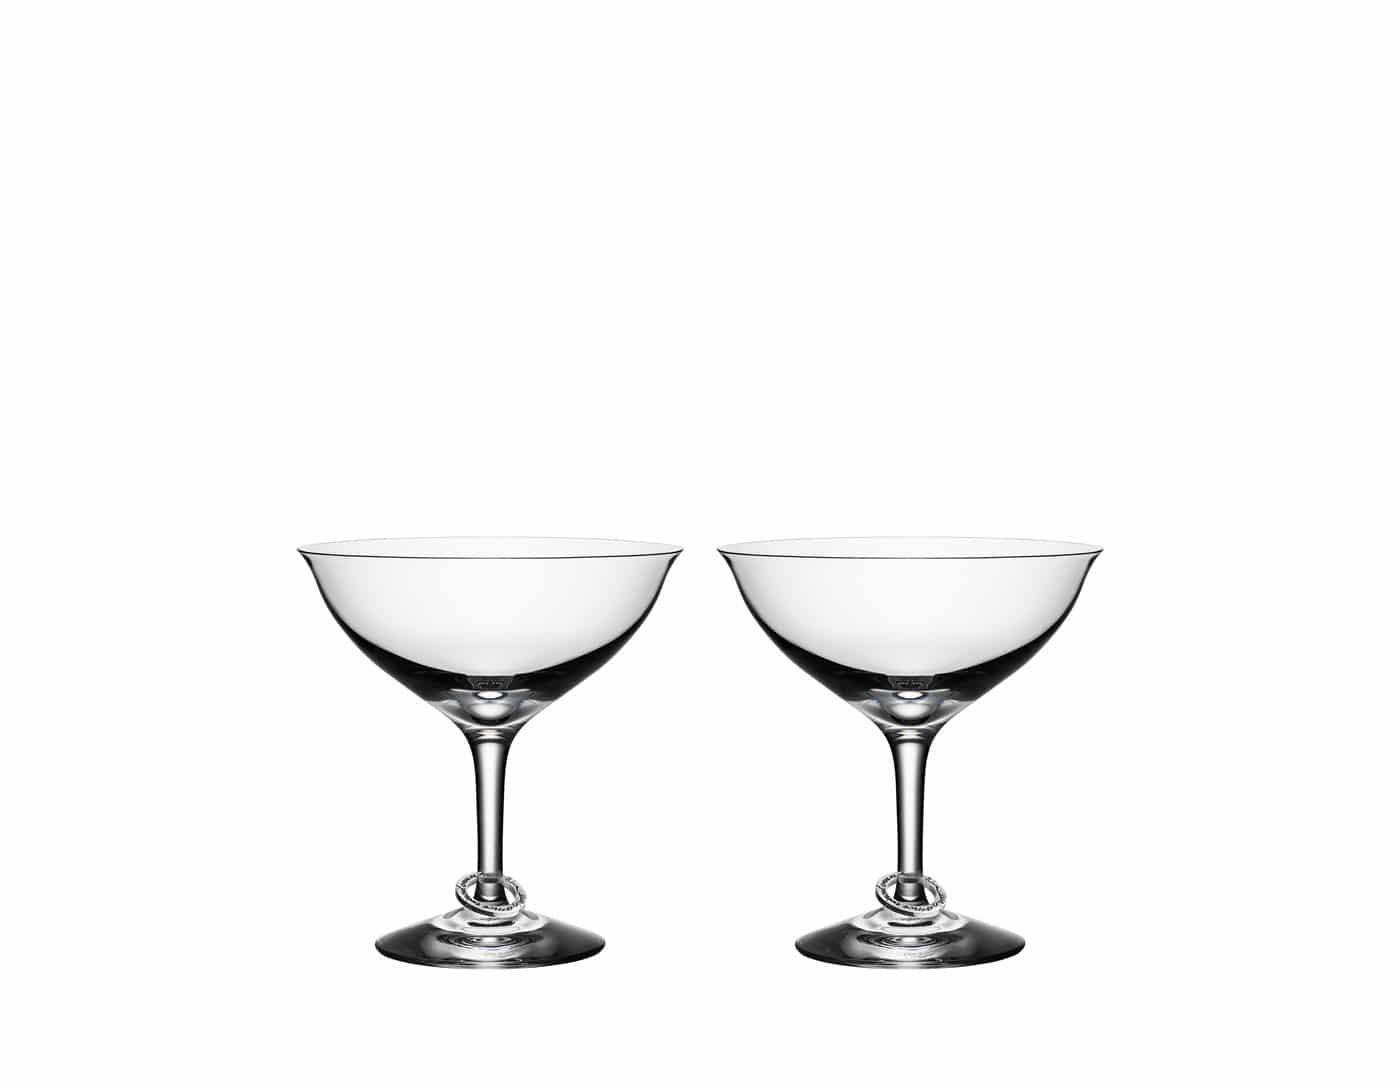 Efva Attling - Glaskonst - Orrefors - Amor vincit omnia - Champagneskål 2 st